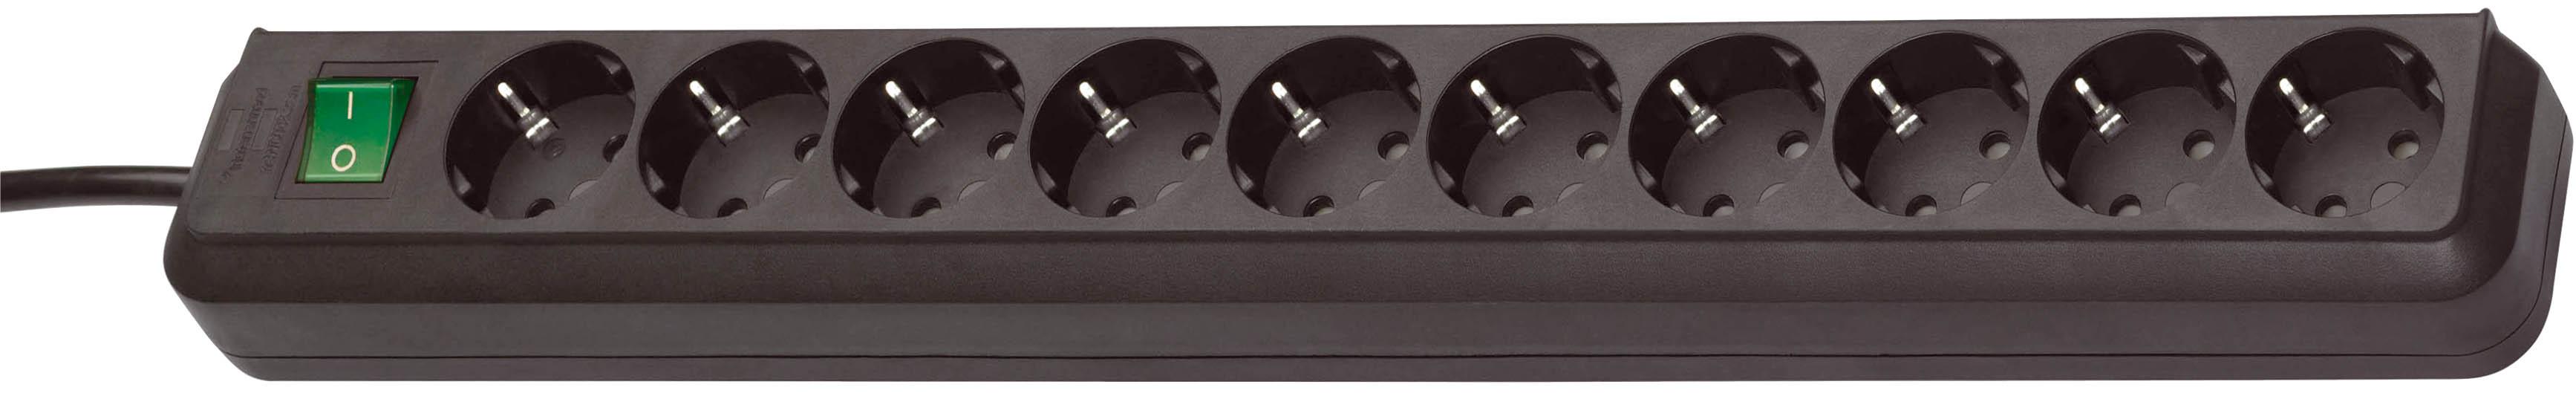 Brennenstuhl Stedo-Leiste 10-Fach,3m H05VV-F3G1,5 ECO-Line schwarz mit Schalter *D*